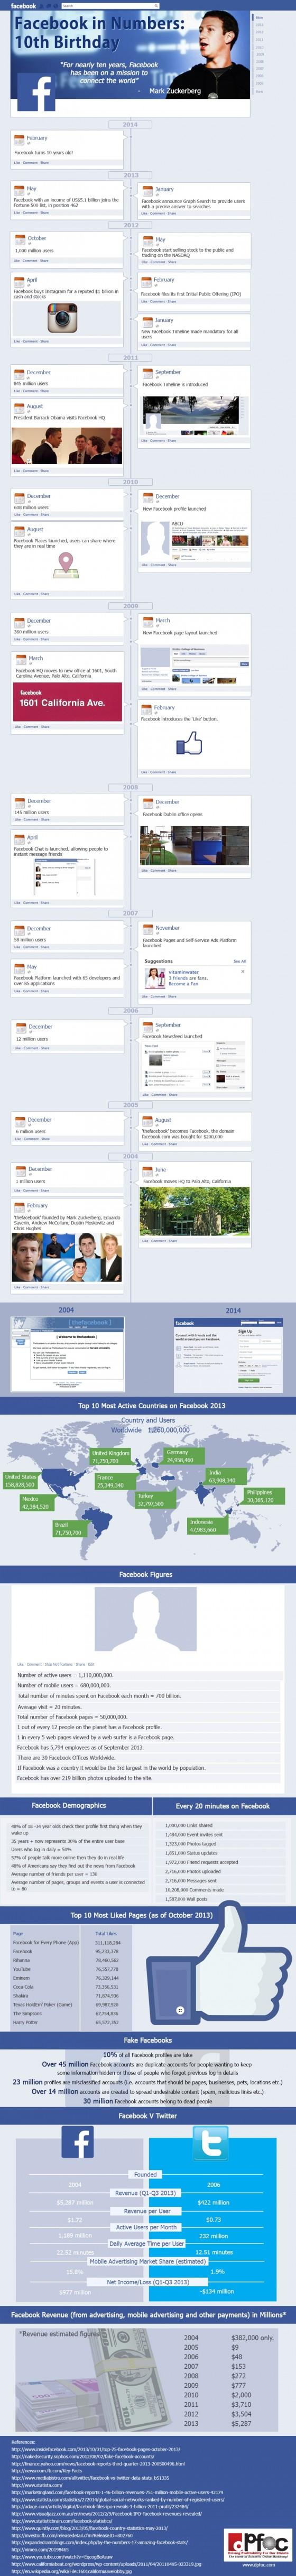 statistiques-facebook-10-ans-facebook